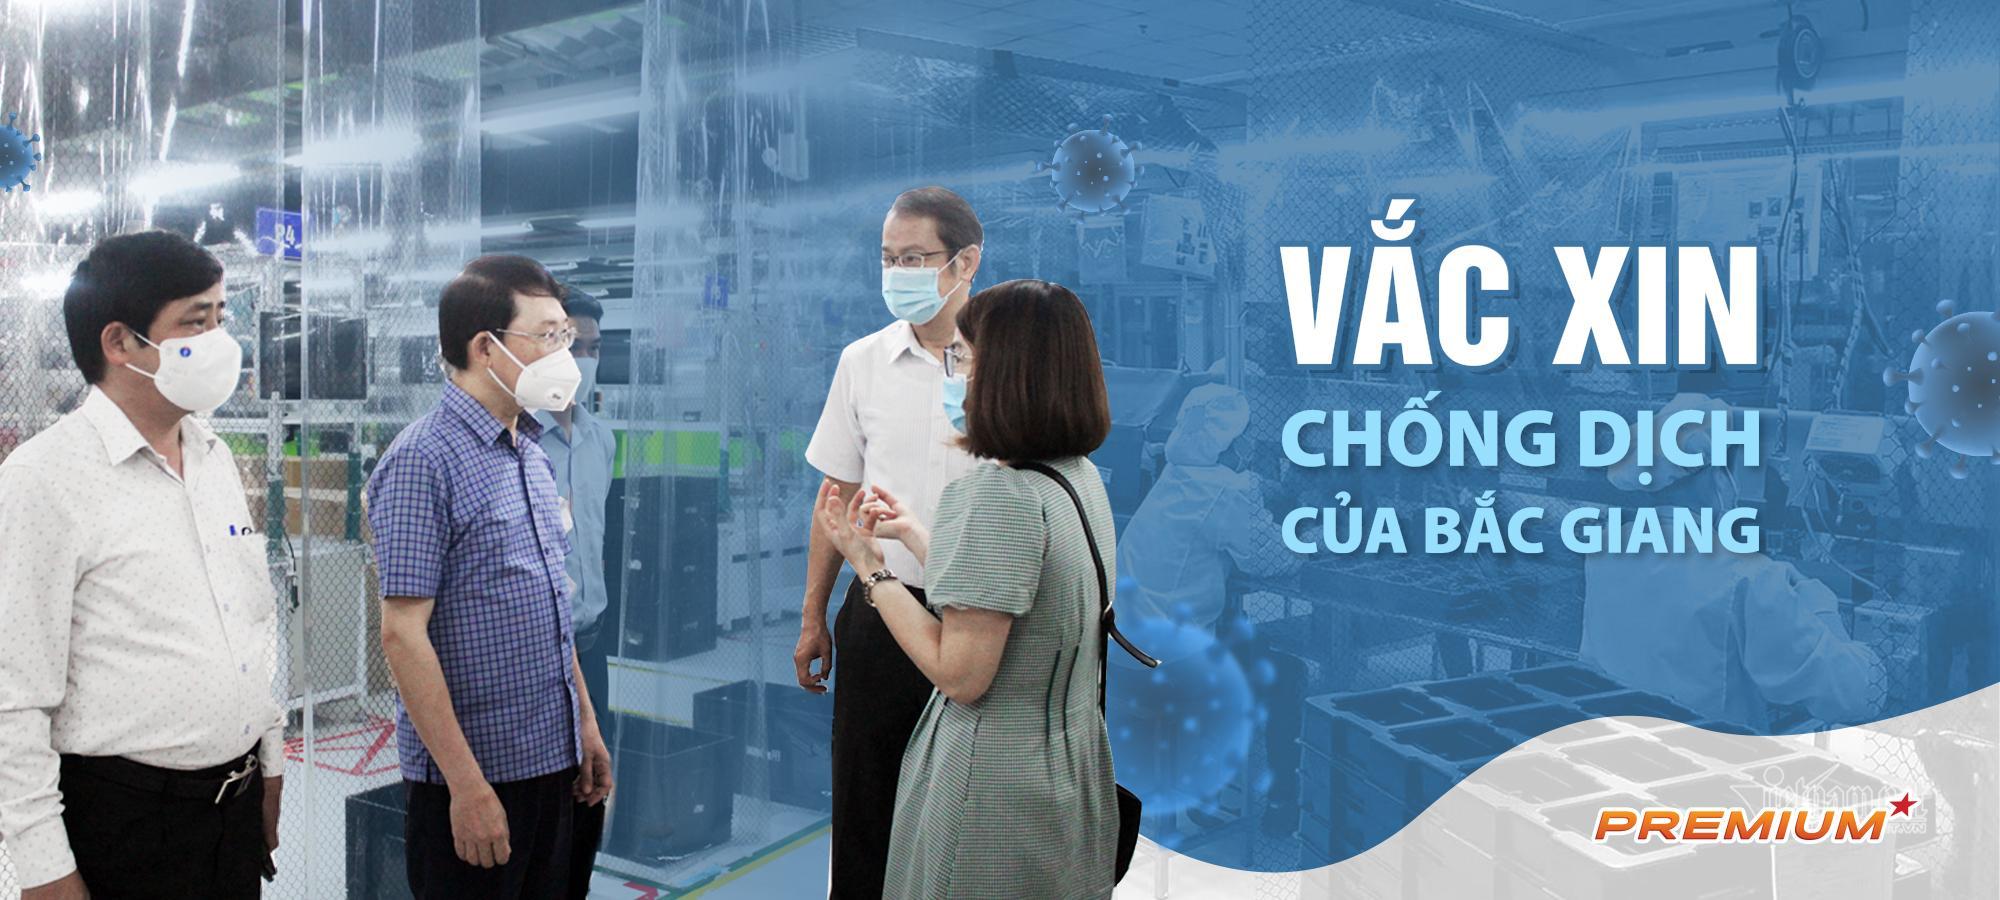 """""""Vắc xin"""" chống dịch của Bắc Giang"""